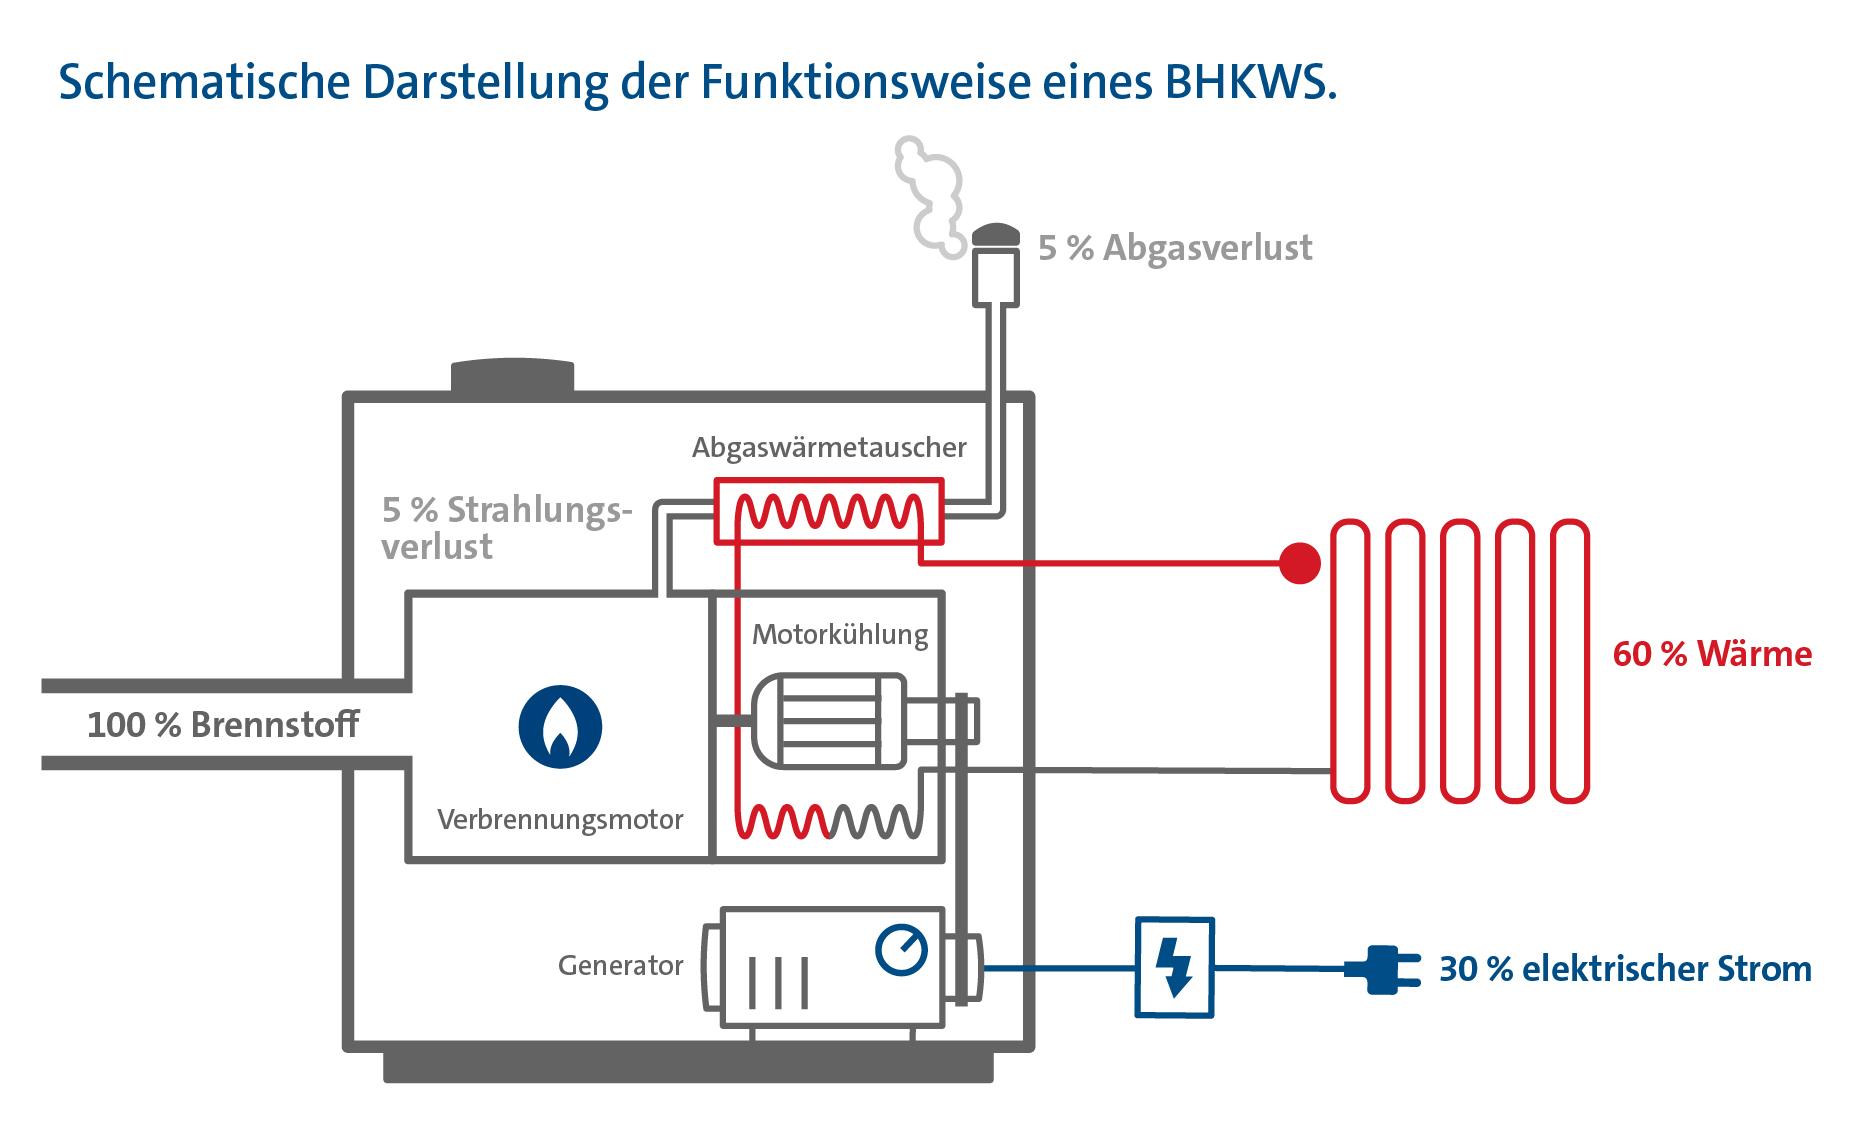 Schematische Darstellung der Funktionsweise eines BHKWs.